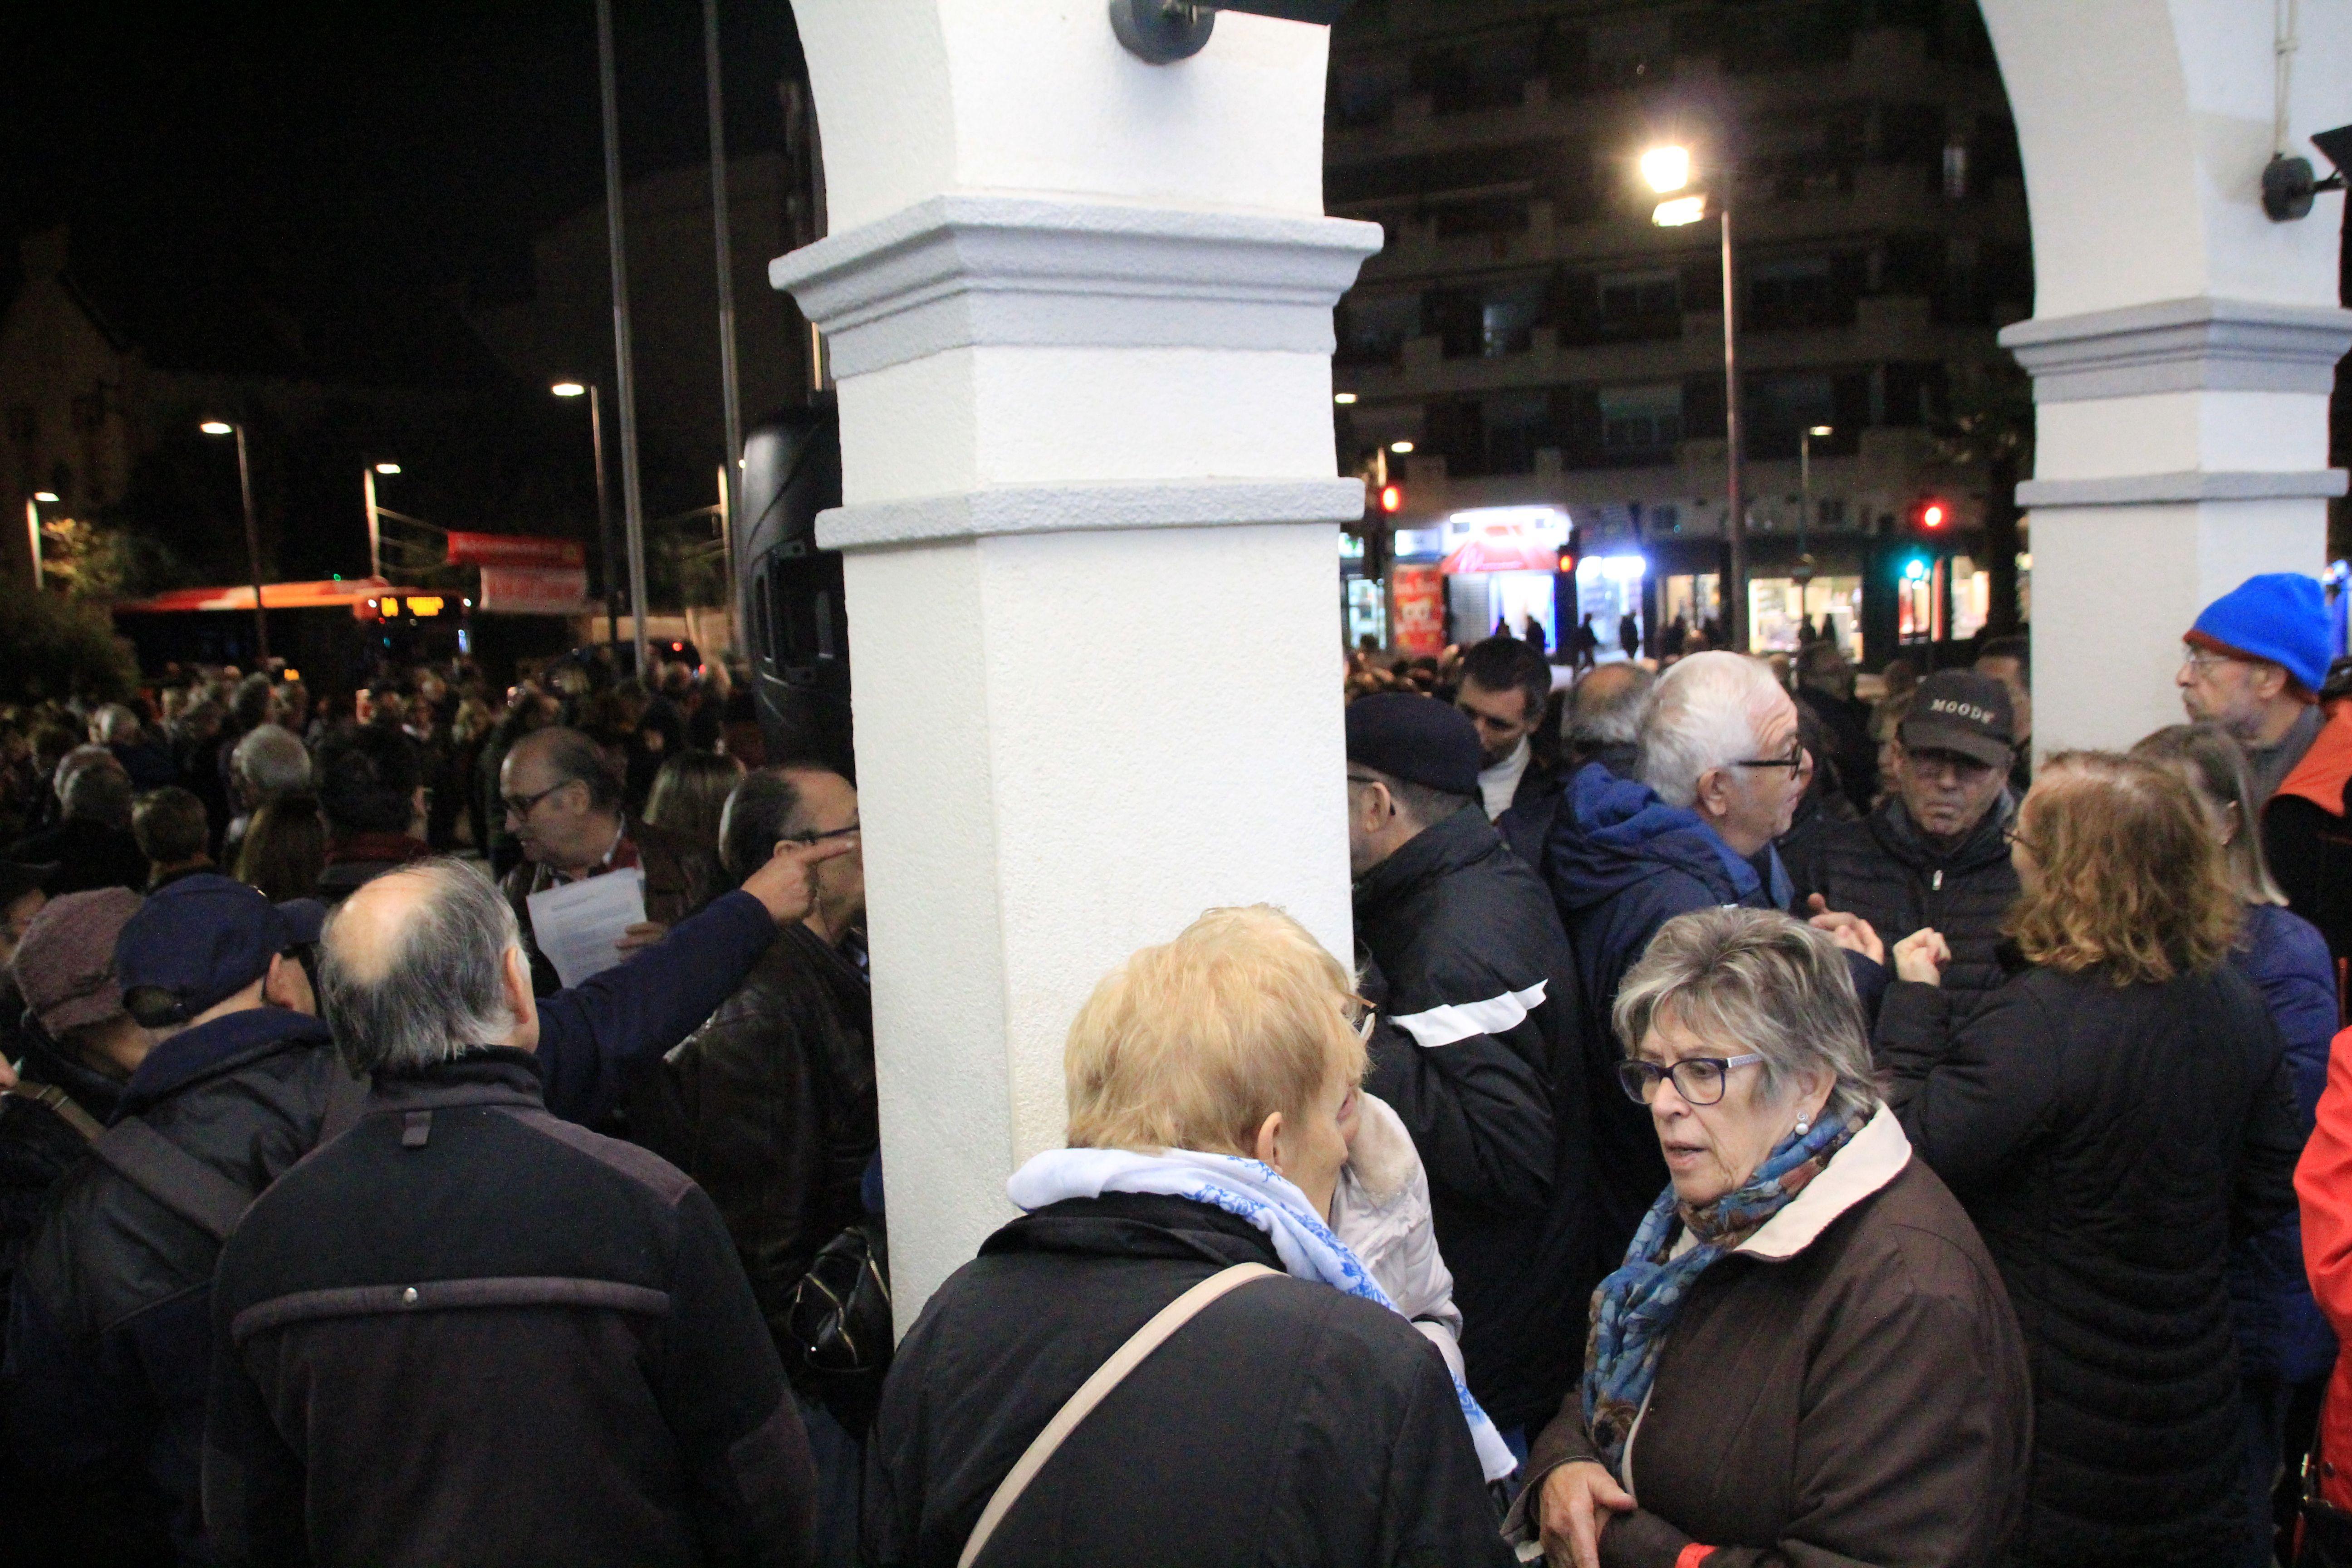 La concentració del 13 de novembre de 2019 davant l'Ajuntament va comptar amb aproximadament 500 assistents